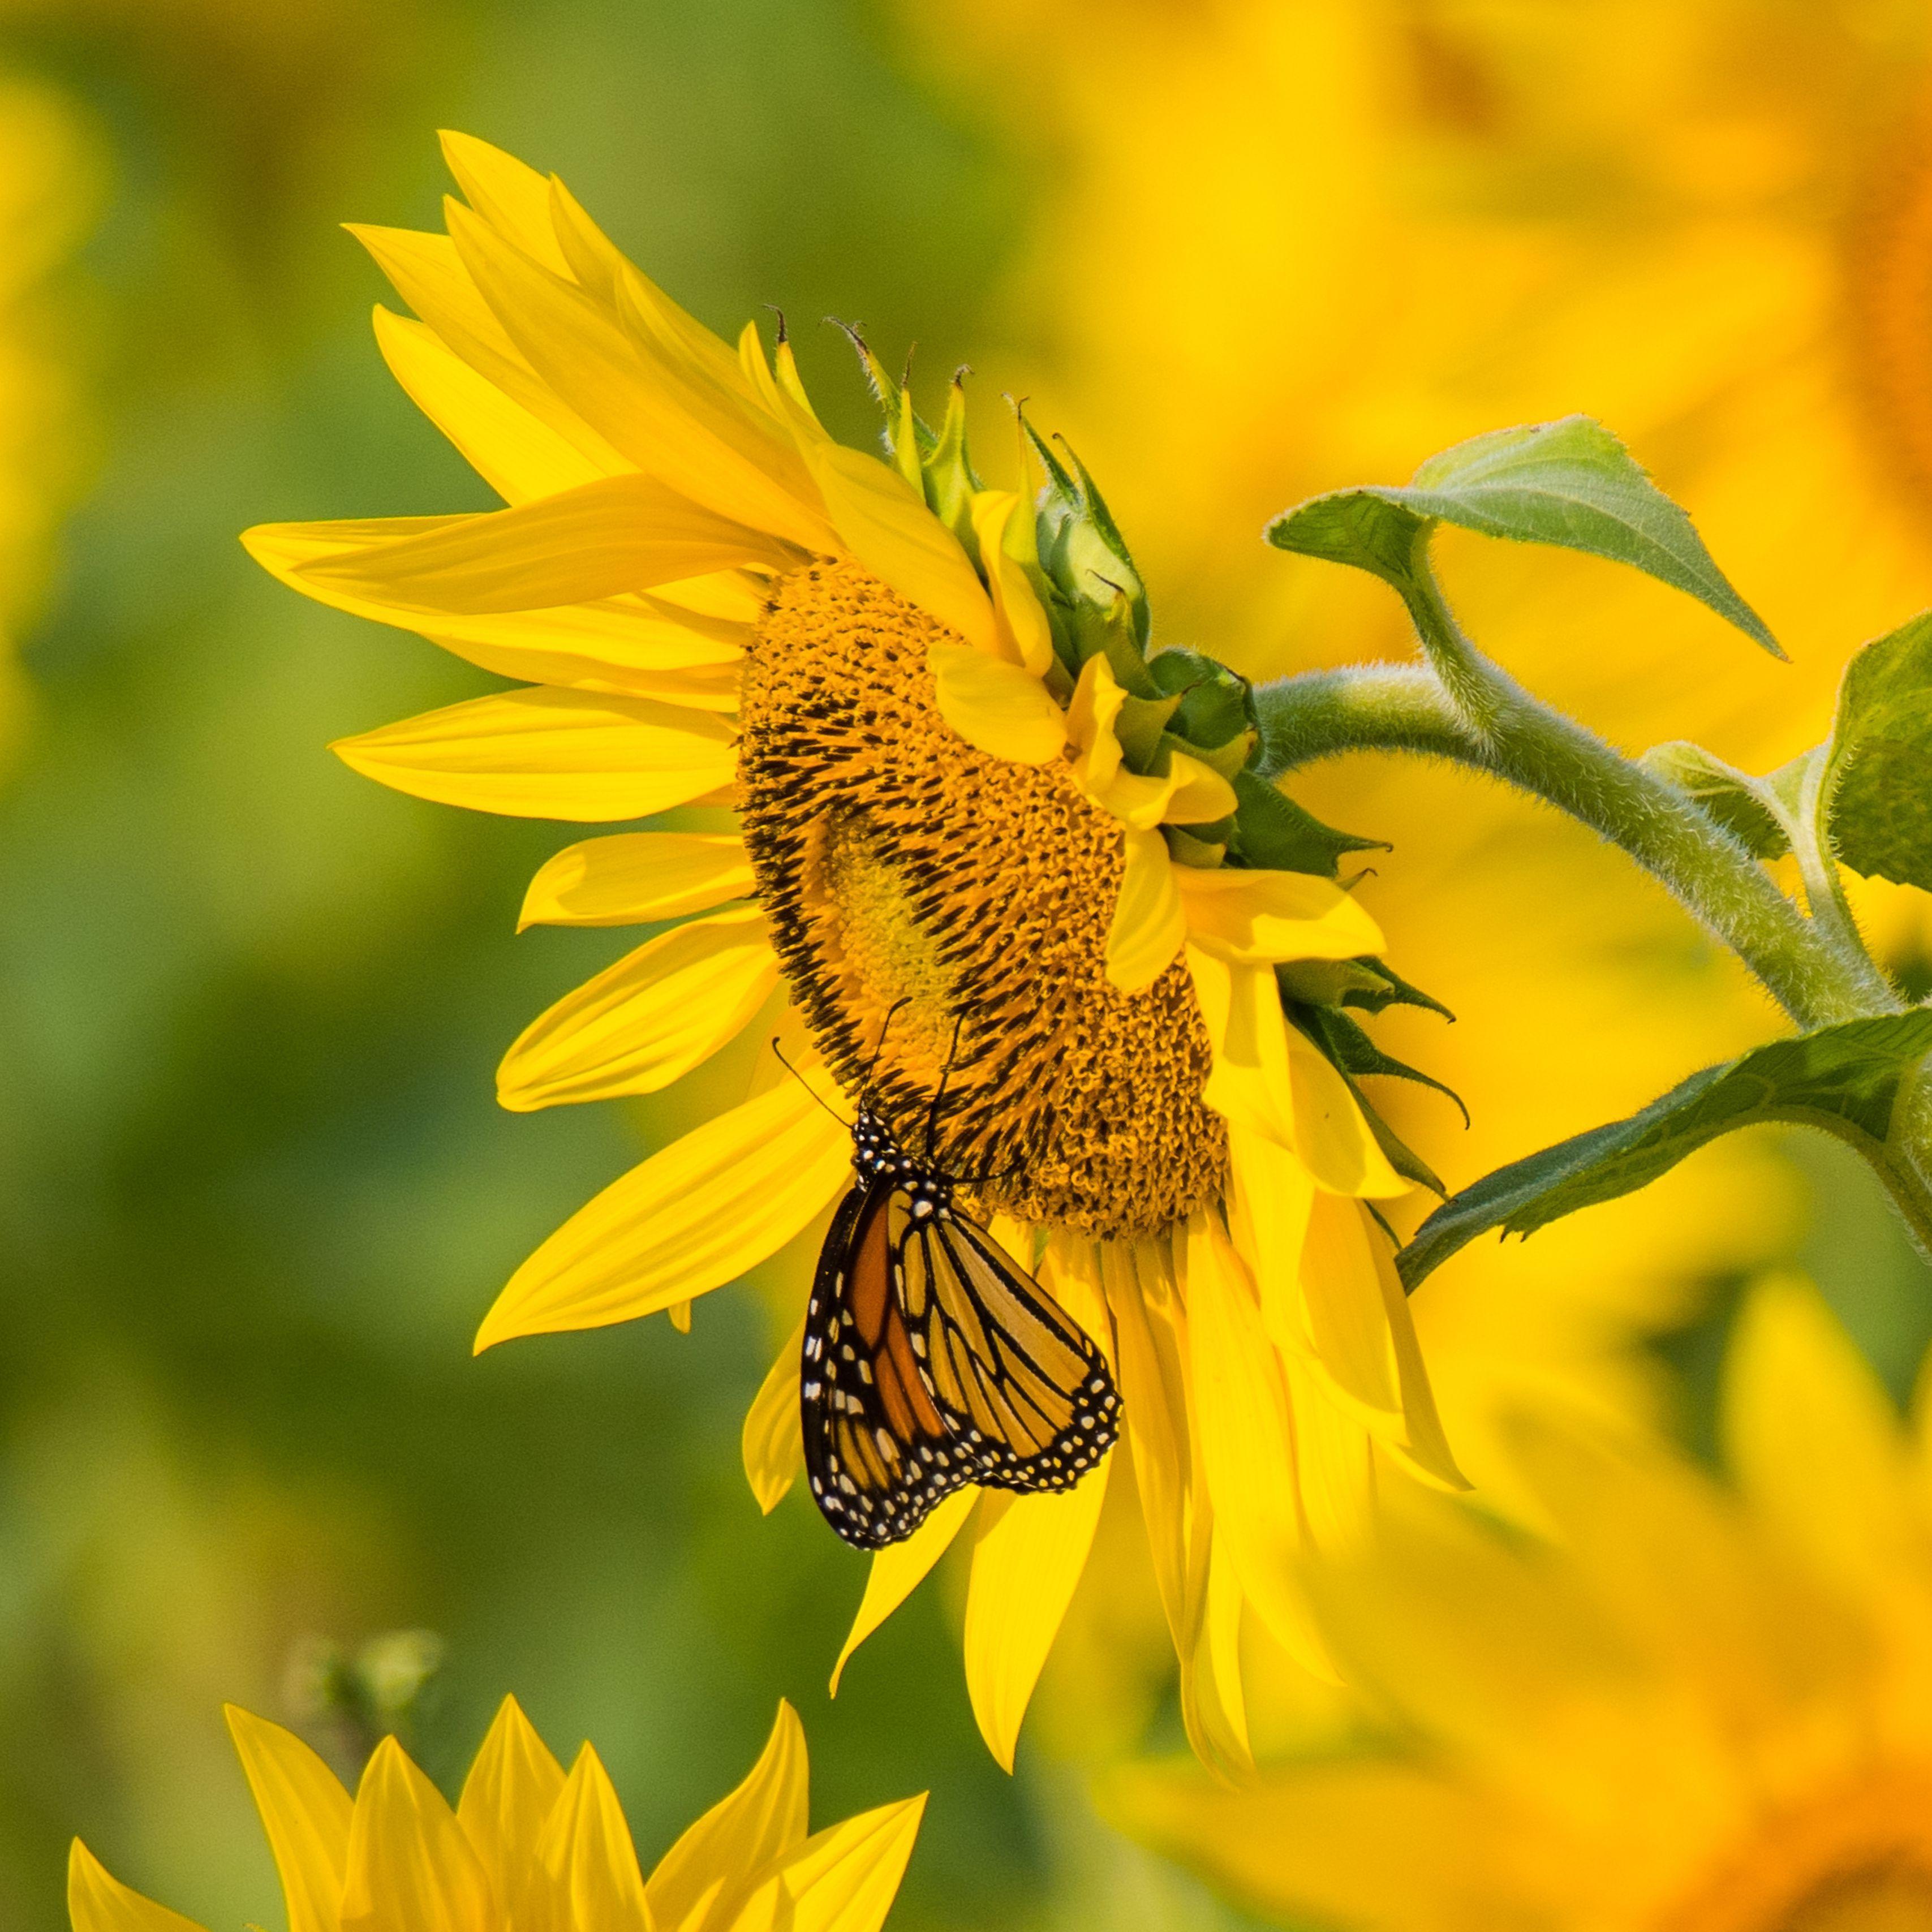 3415x3415 Hình nền hoa hướng dương và bướm